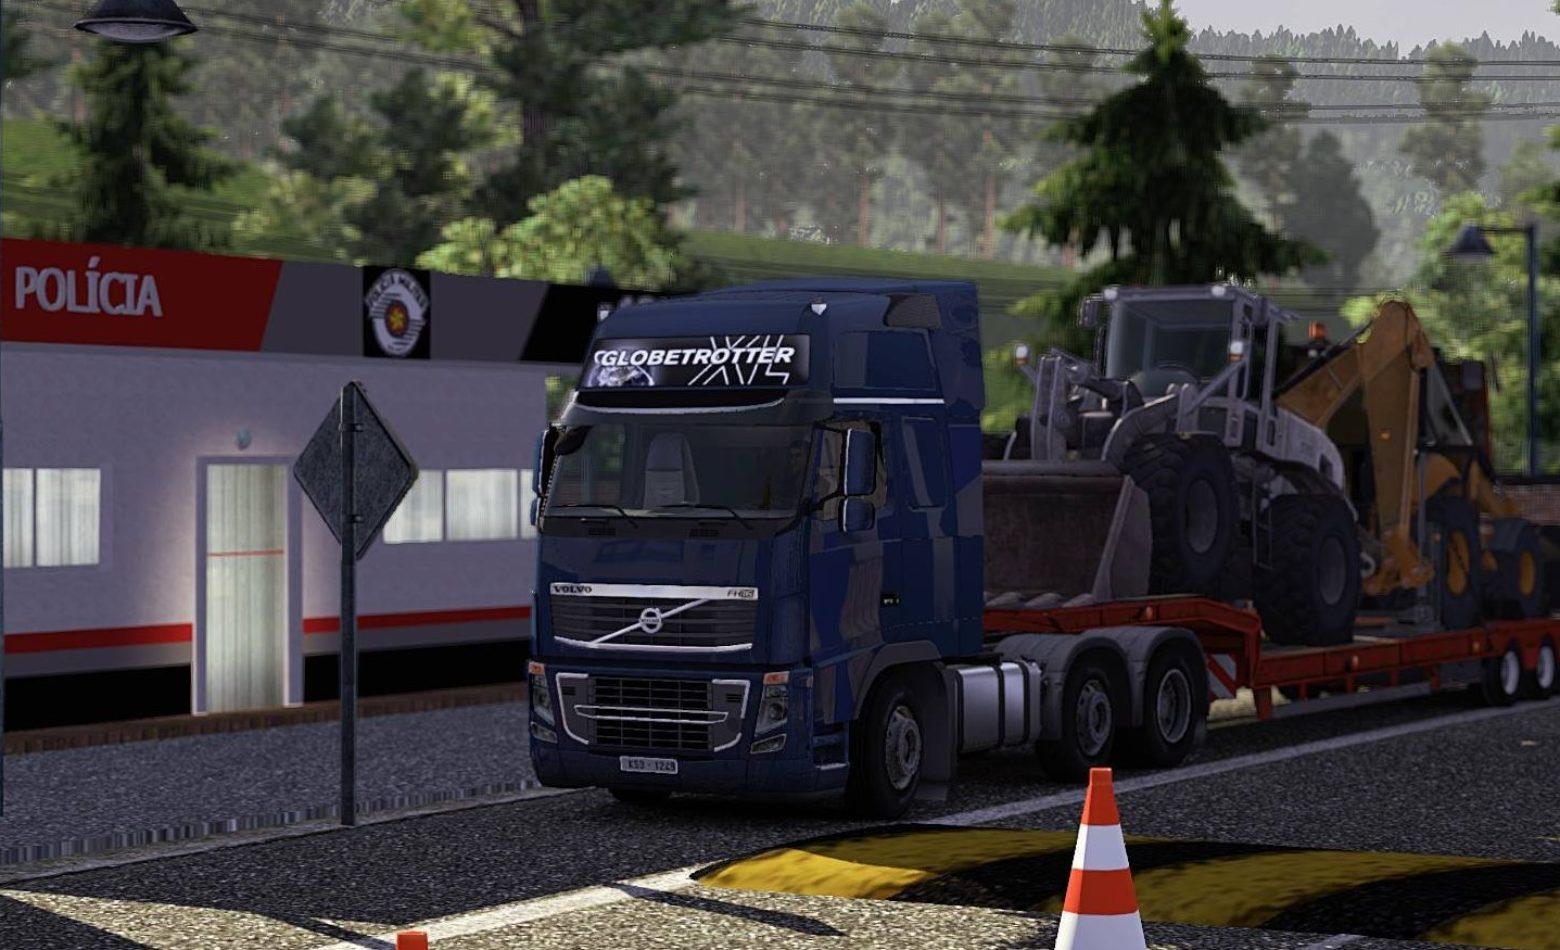 Viajando e conversando em Euro Truck Simulator 2 [Gameplay]